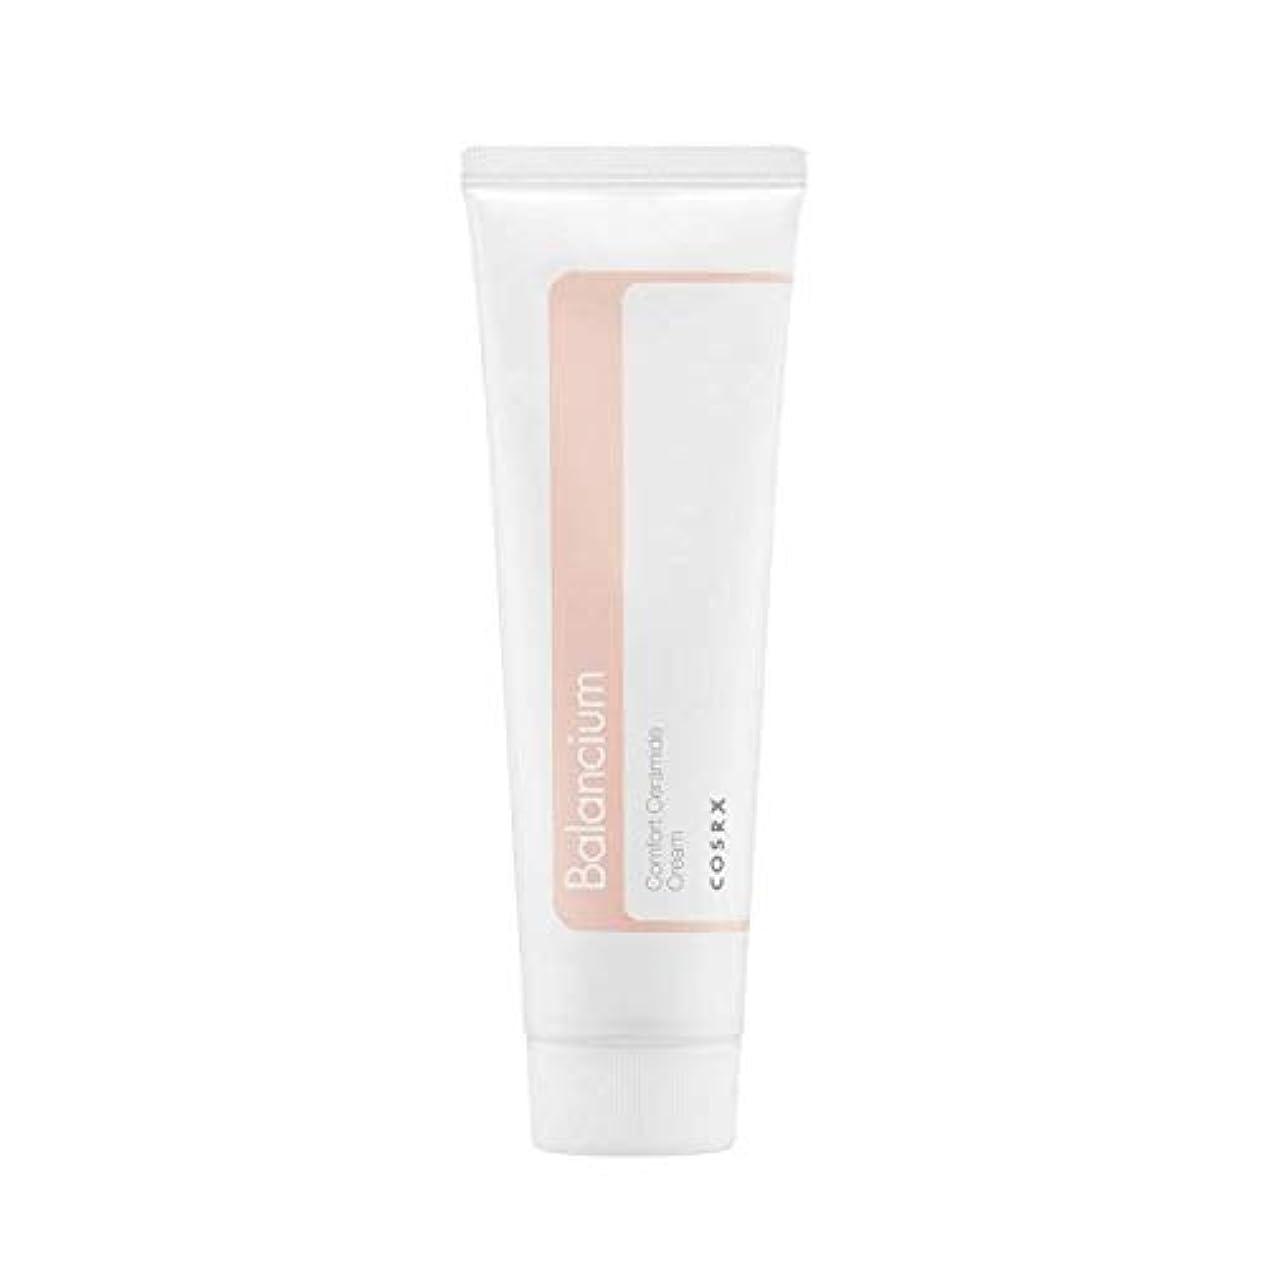 飢えた誘導進行中COSRX バランシウム コンポート セラミド クリーム / Balancium Comfort Ceramide Cream (80g) [並行輸入品]